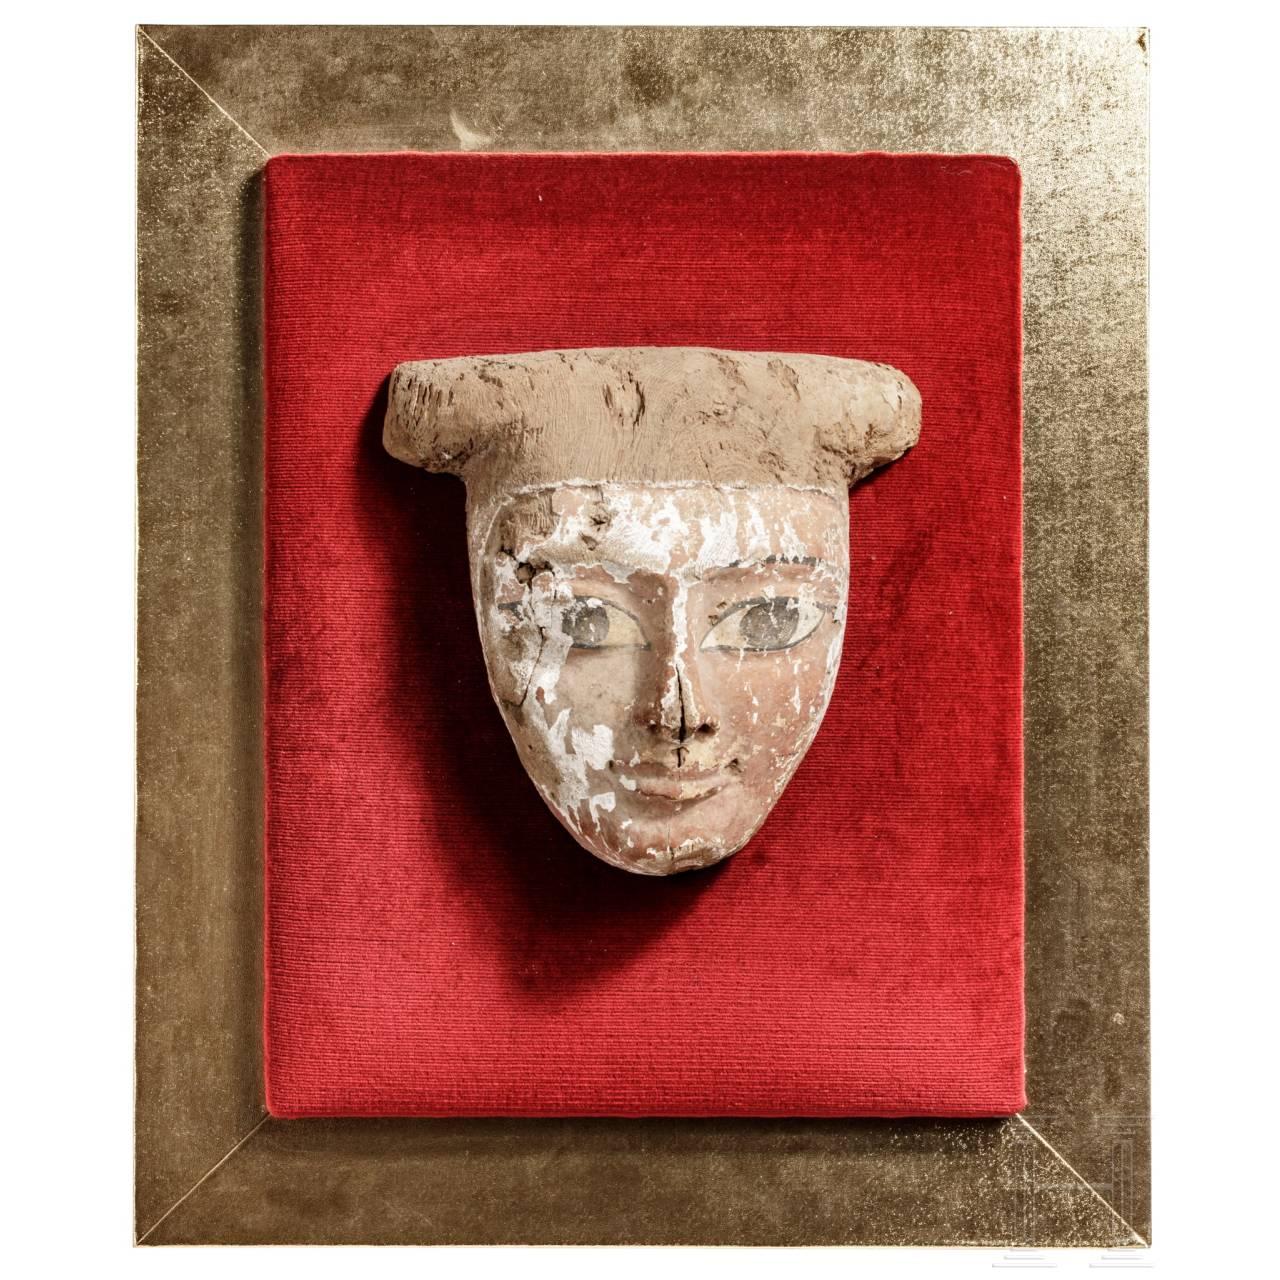 Polychrome Mumienmaske aus Holz auf Rahmen, Ägypten, Spätzeit, 664 - 31 v. Chr.